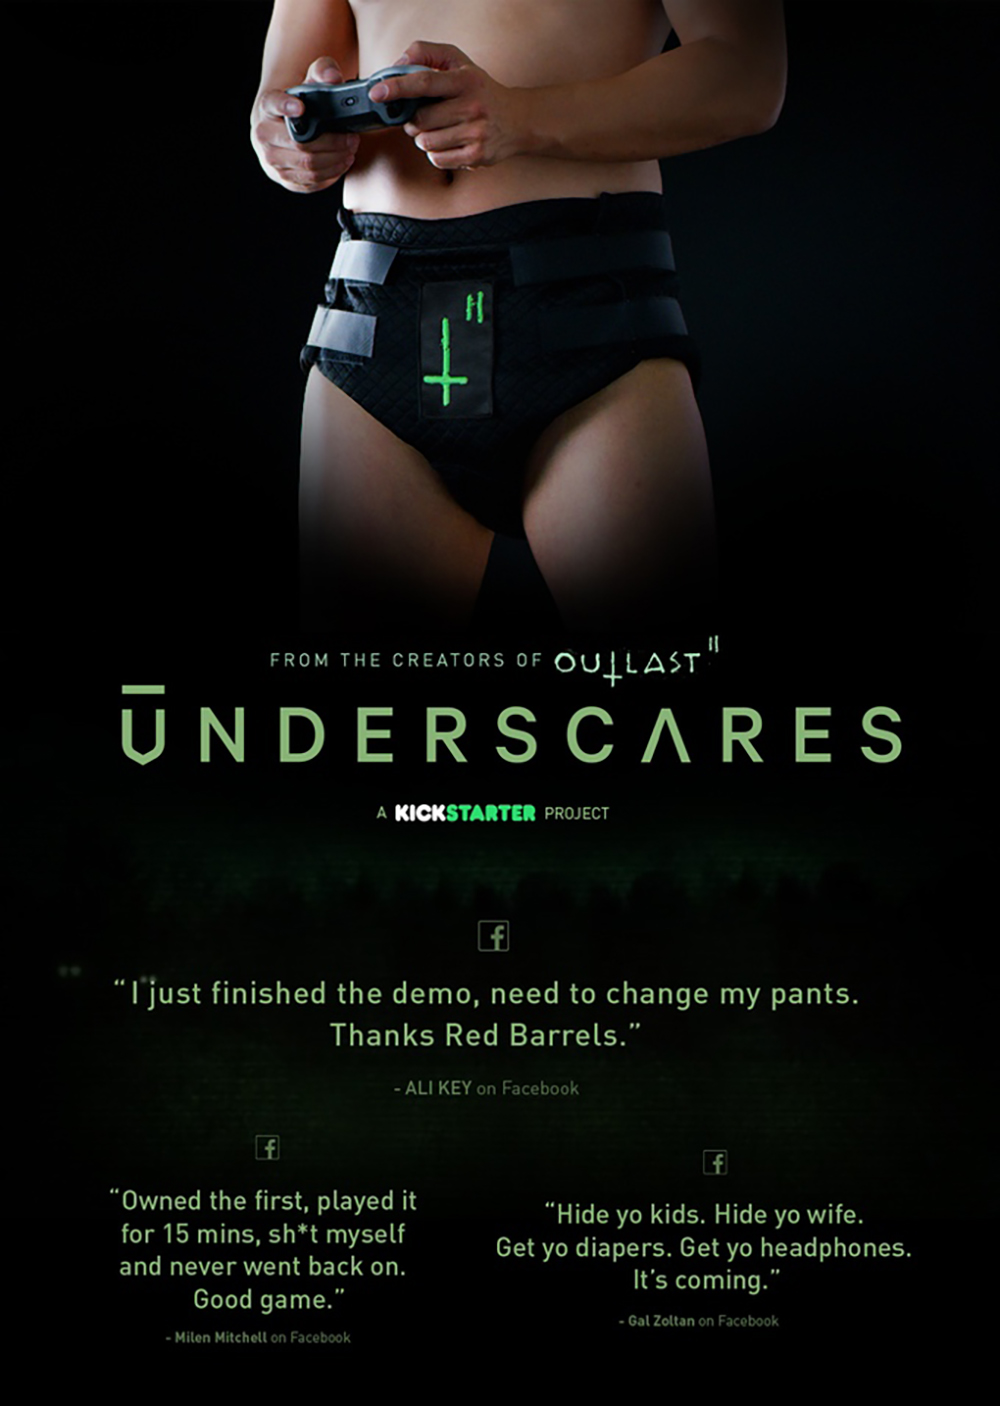 恐怖游戏《逃生2(Outlast2)》推出专用内裤,再也不用担心被吓尿啦!